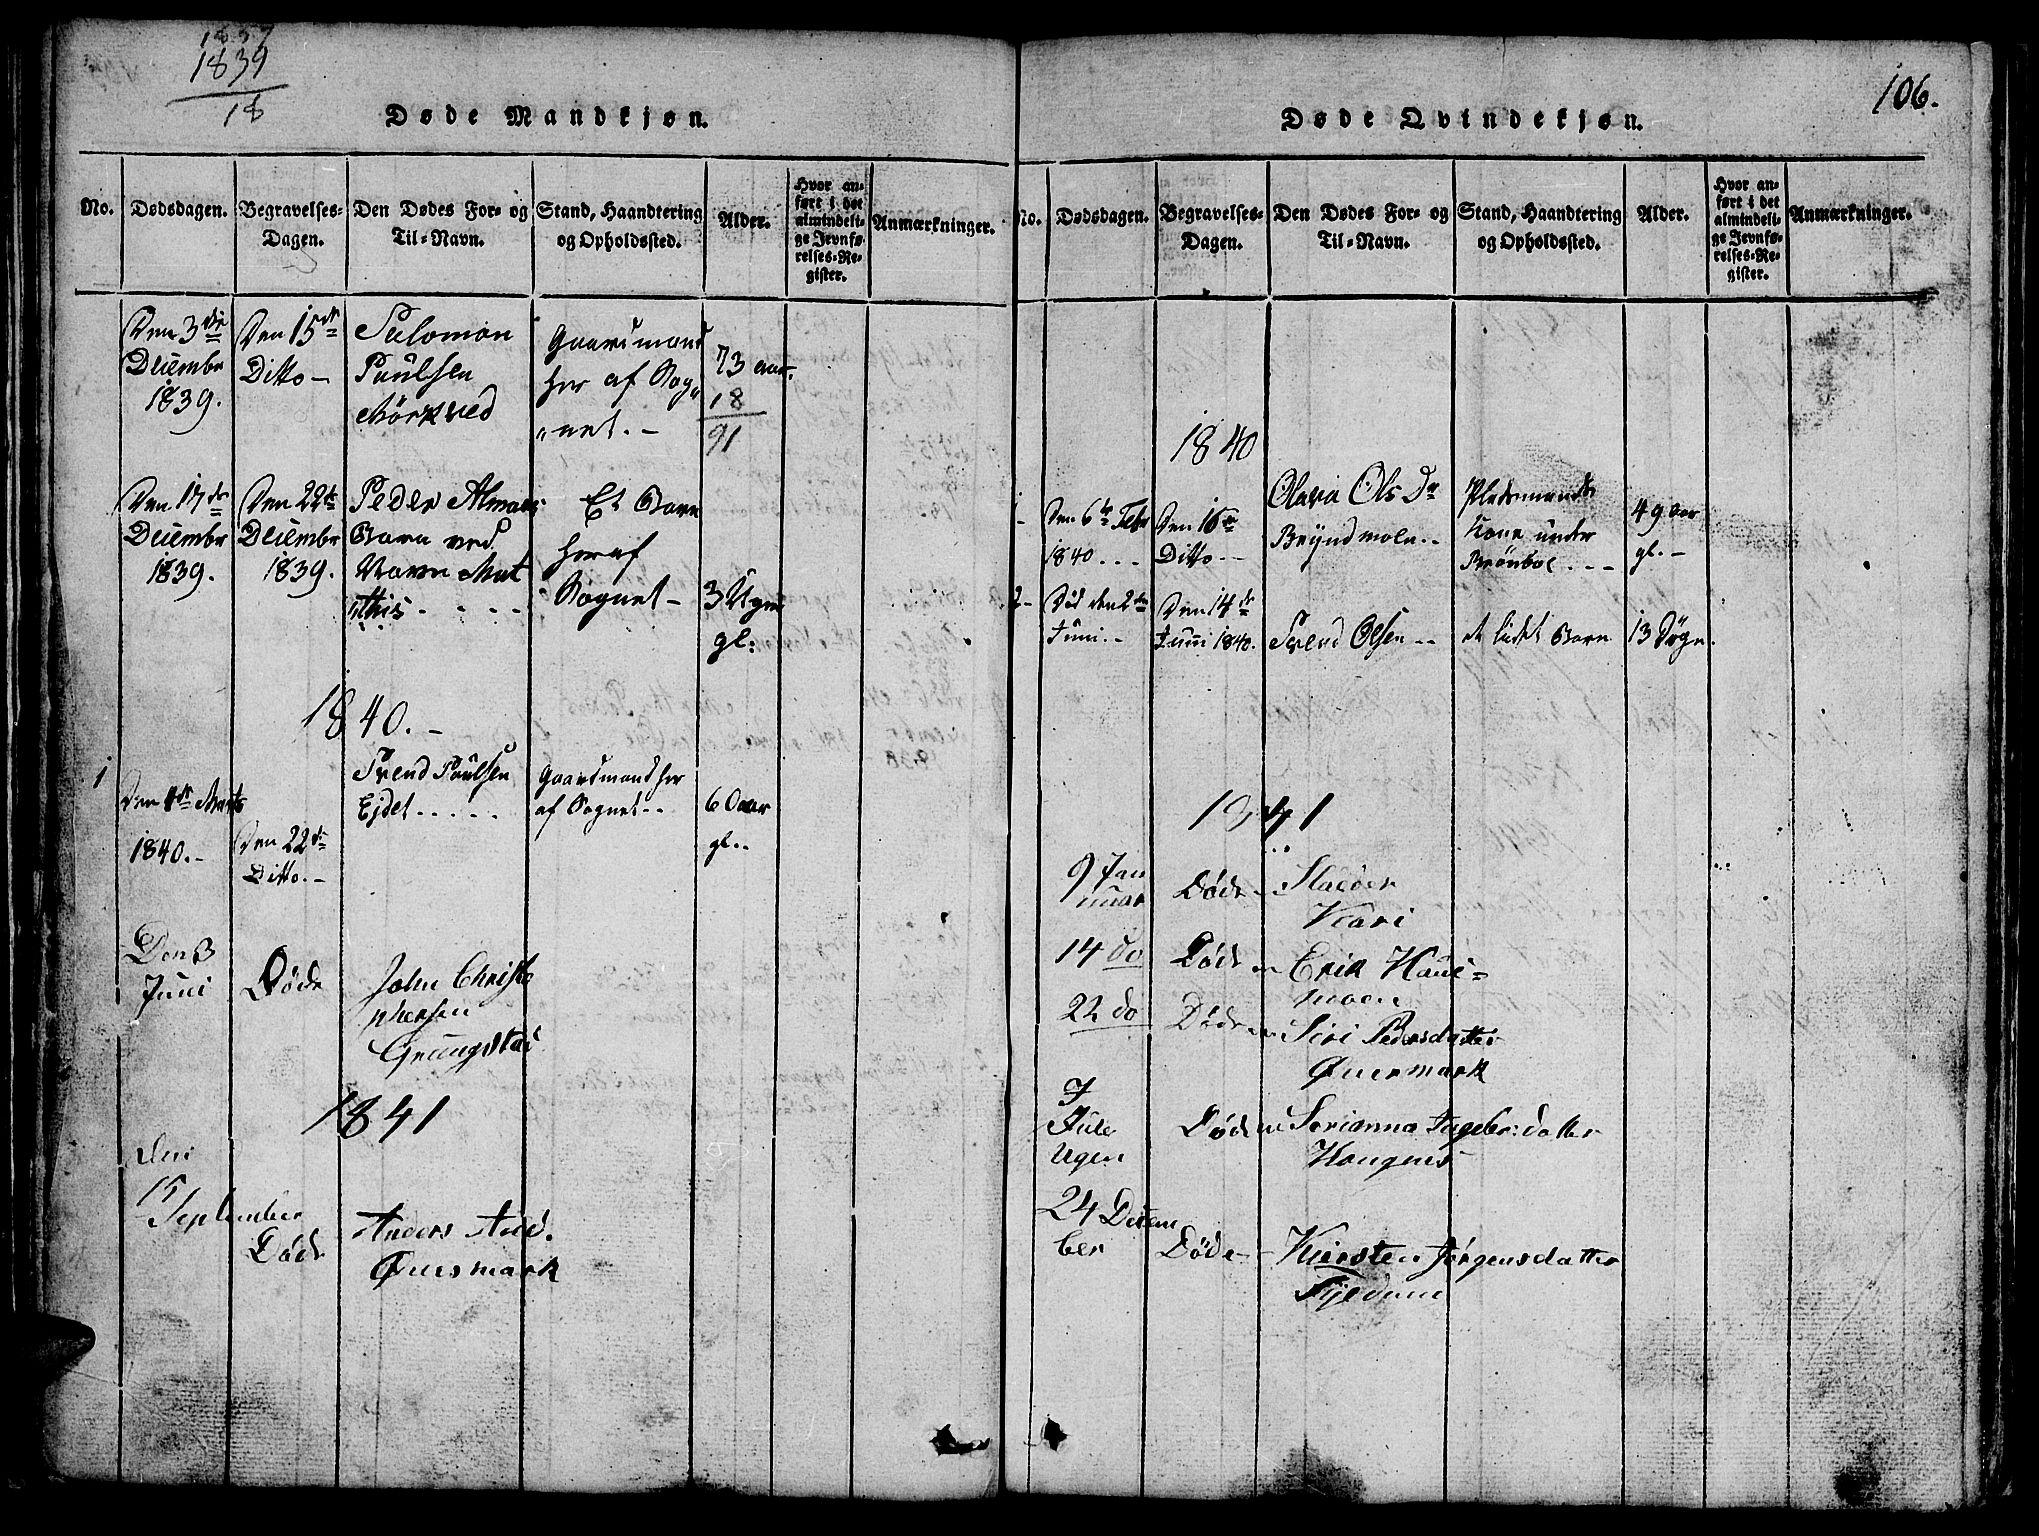 SAT, Ministerialprotokoller, klokkerbøker og fødselsregistre - Nord-Trøndelag, 765/L0562: Klokkerbok nr. 765C01, 1817-1851, s. 106